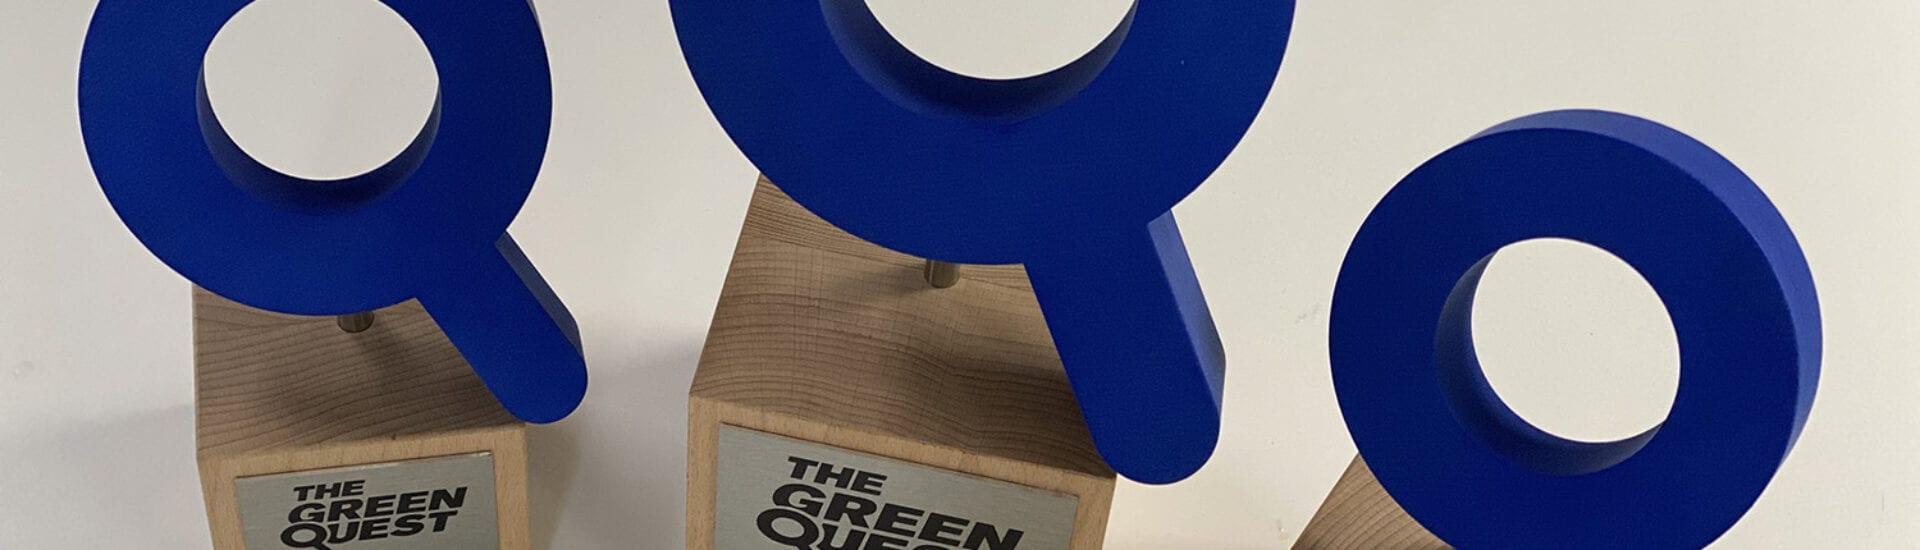 Green Quest Awards 2021 Oceanz 3D Printing